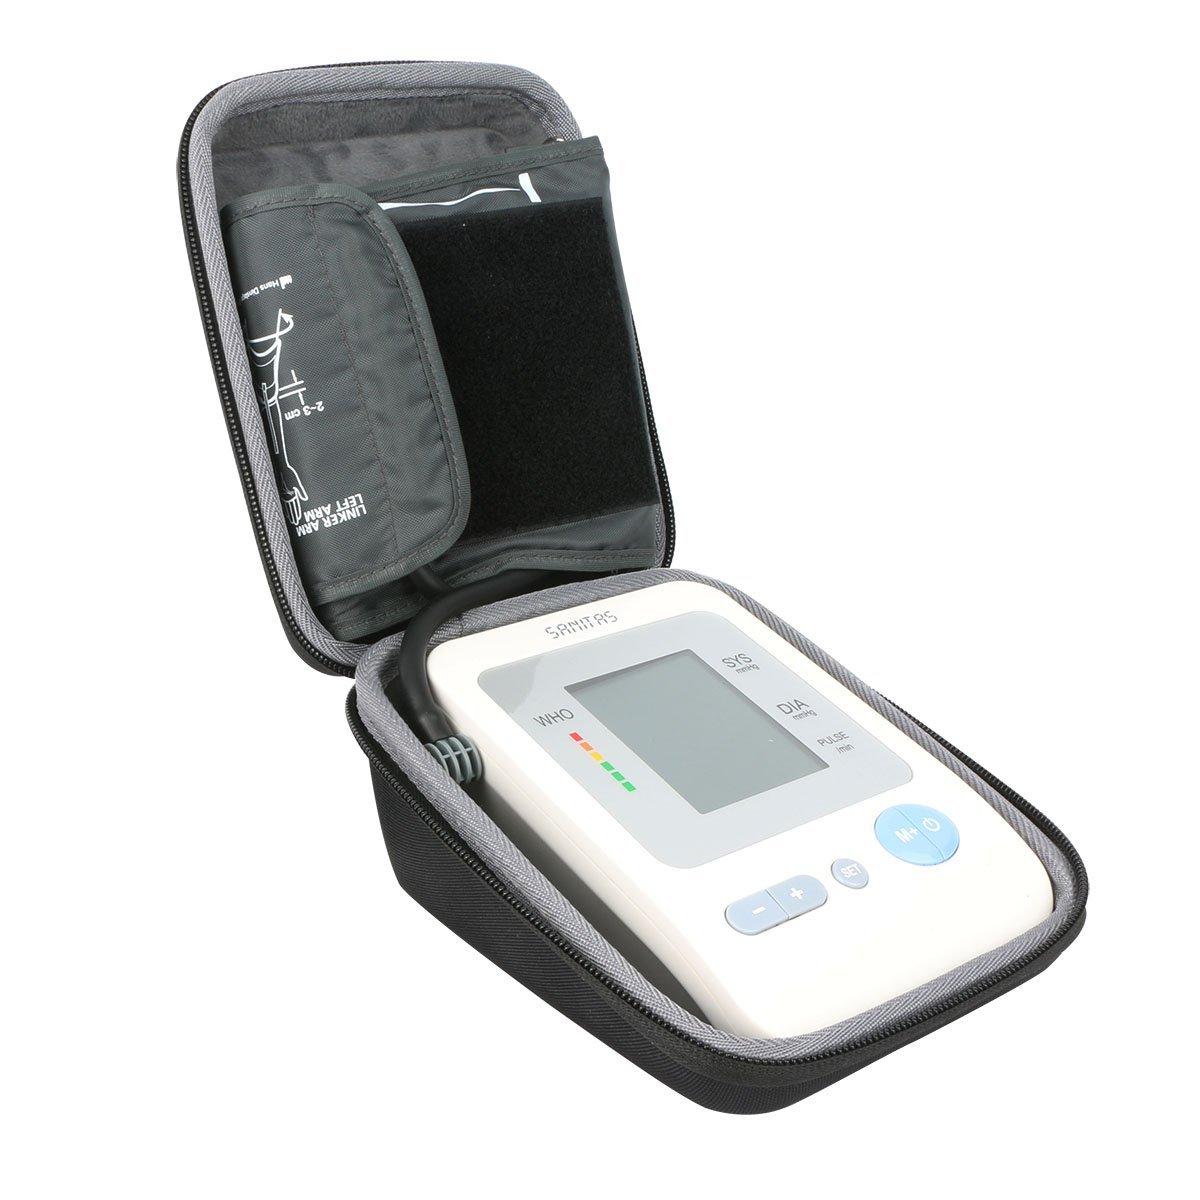 Viaje Carcasa Funda para Sanitas SBM 21 - Tensiómetro de brazo, vollautomatische de presión arterial y pulso en la Parte Superior del Brazo con arrhythmie ...